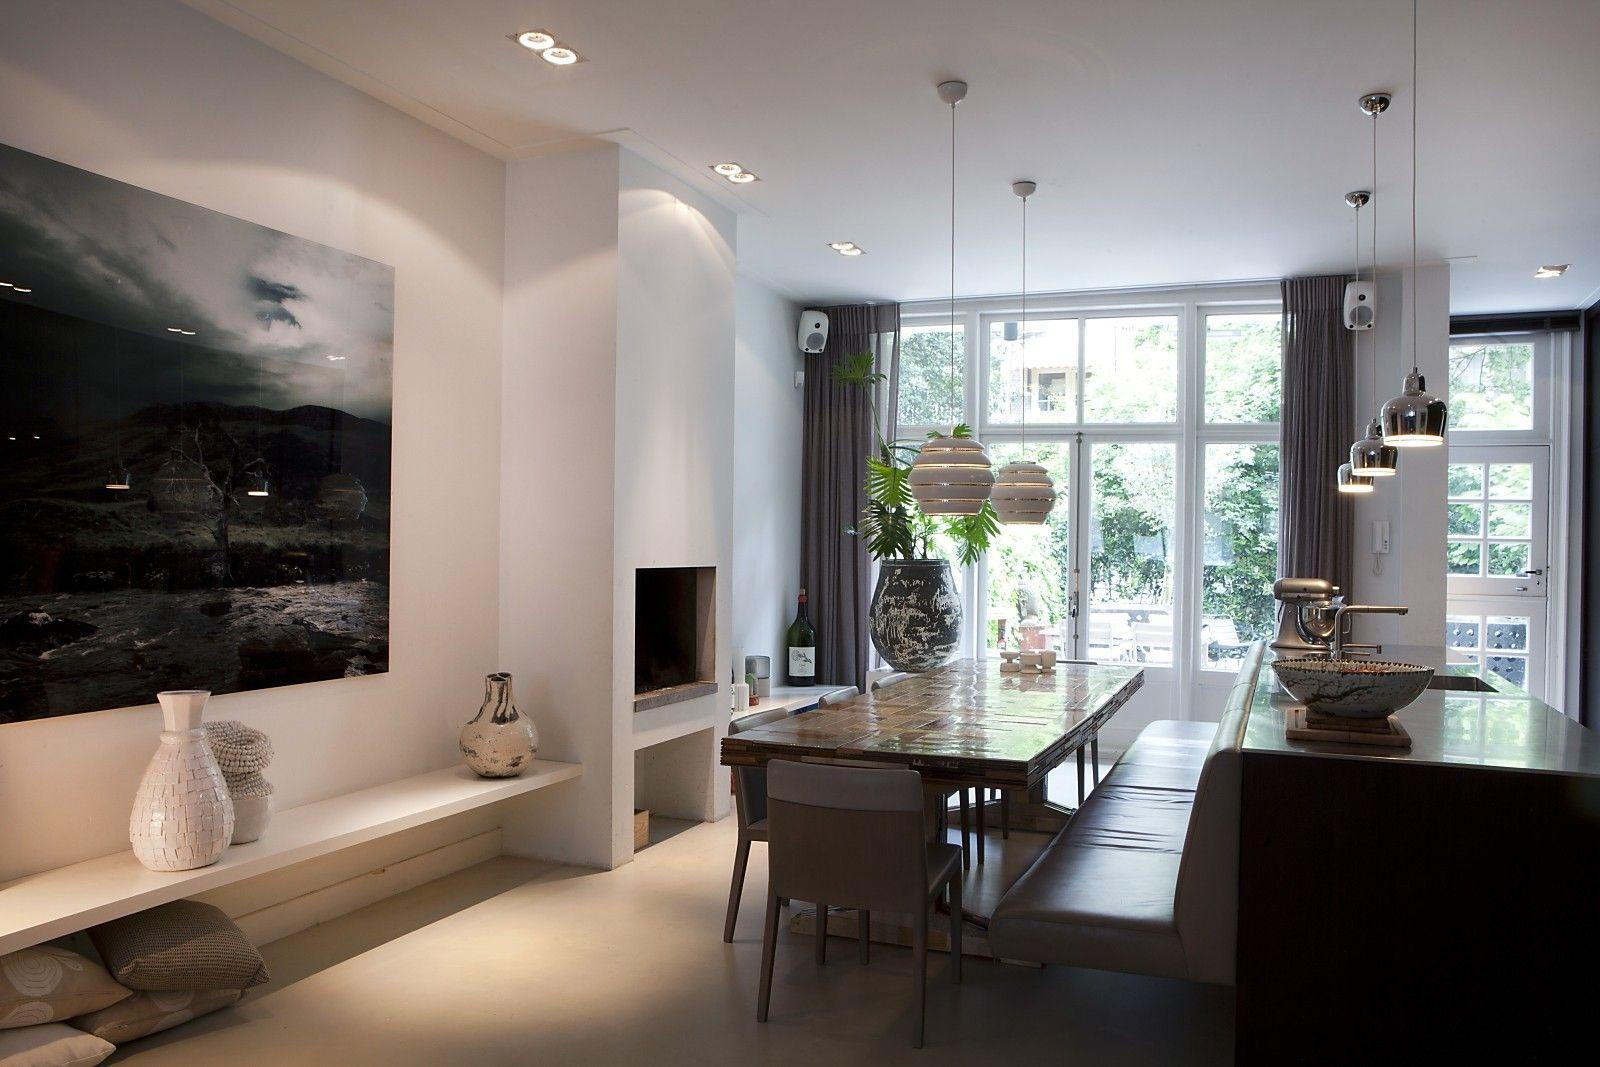 Verbouwing jaren \'20 pand met tuin en dakterras - Huis | Pinterest ...